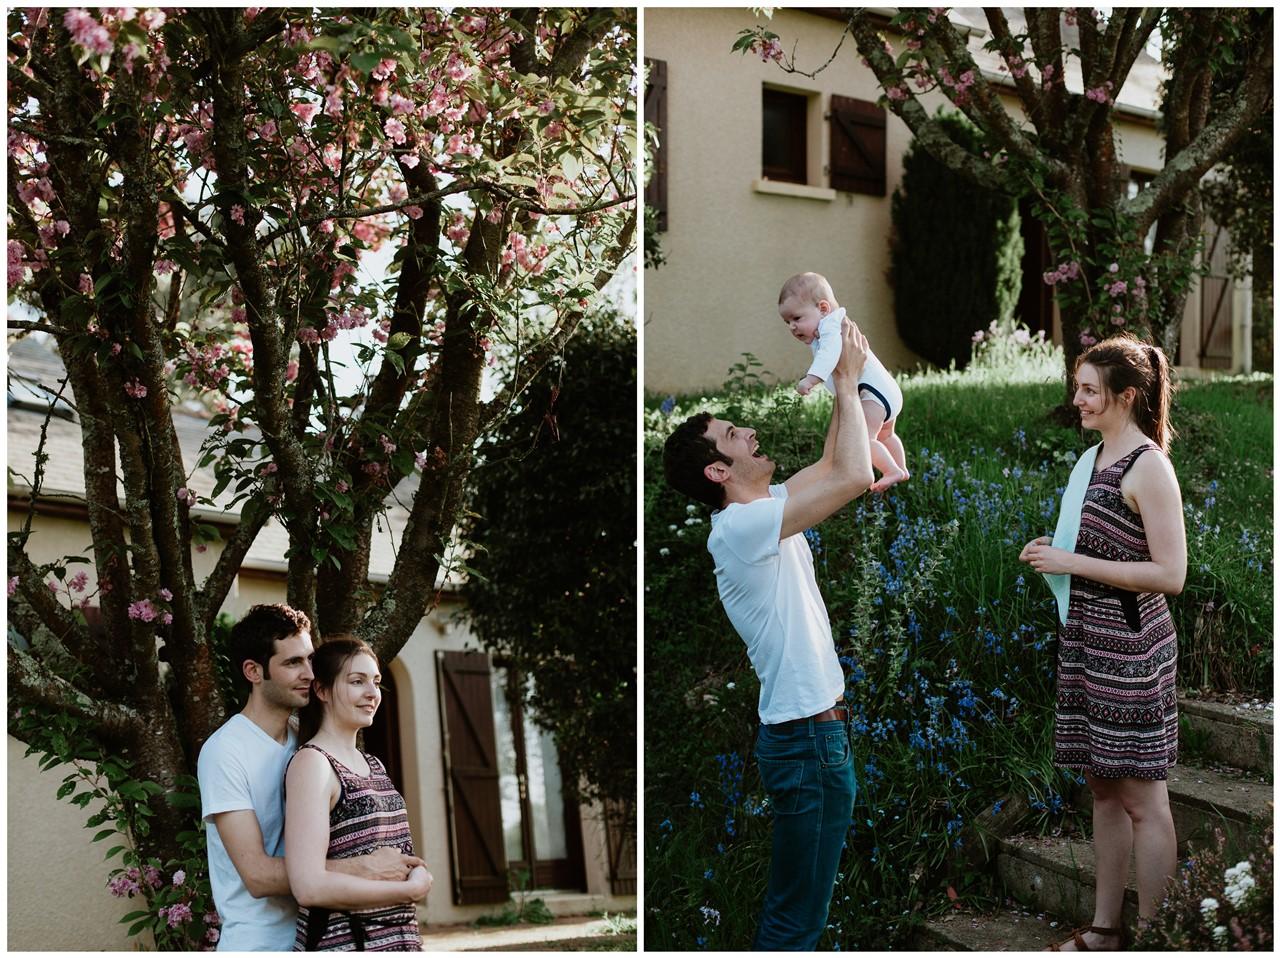 séance-famille-maison-portrait-couple-jardin-sourires-parents-bébé